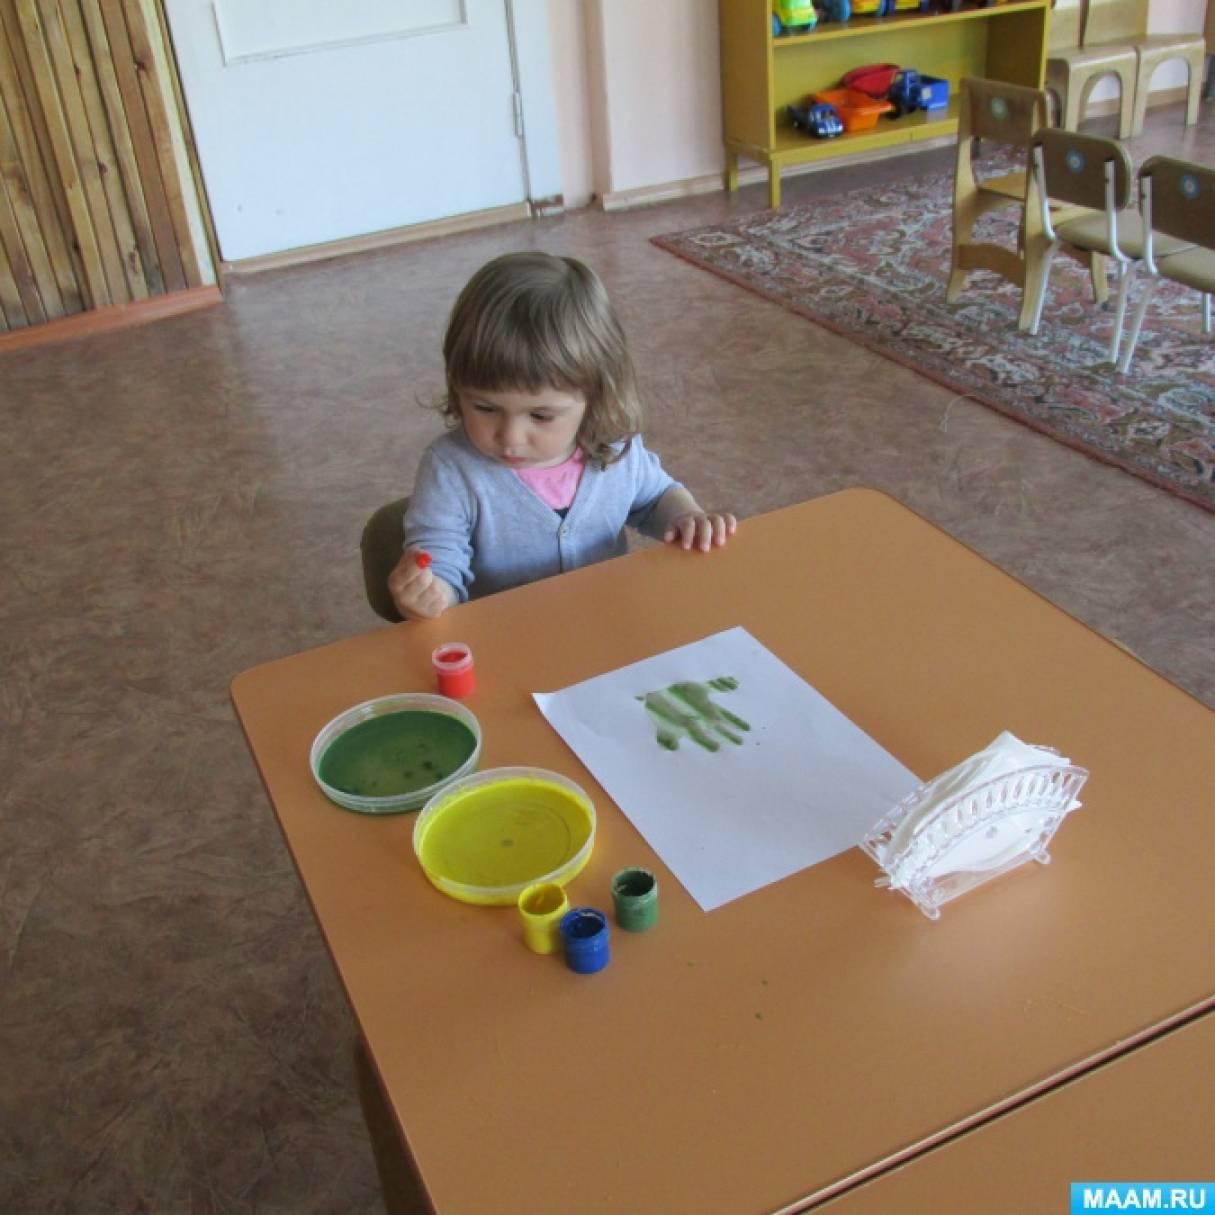 Фотоотчет «Рисование ладошками и пальчиками»